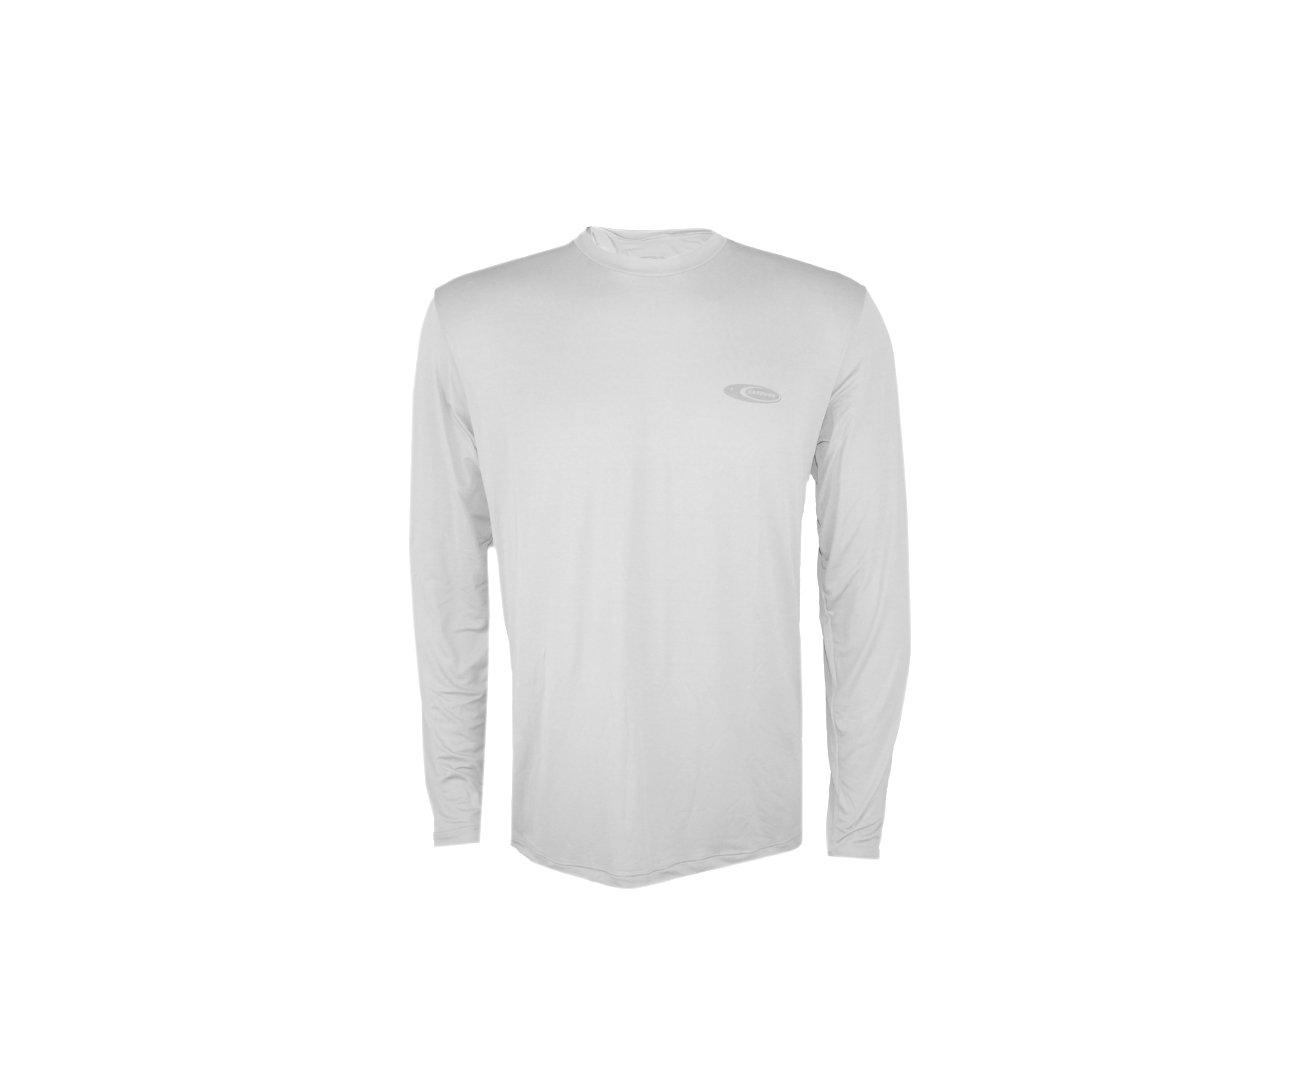 Camiseta Softline Branca - Proteção Uva/uvb 50+ Fps - Cardume